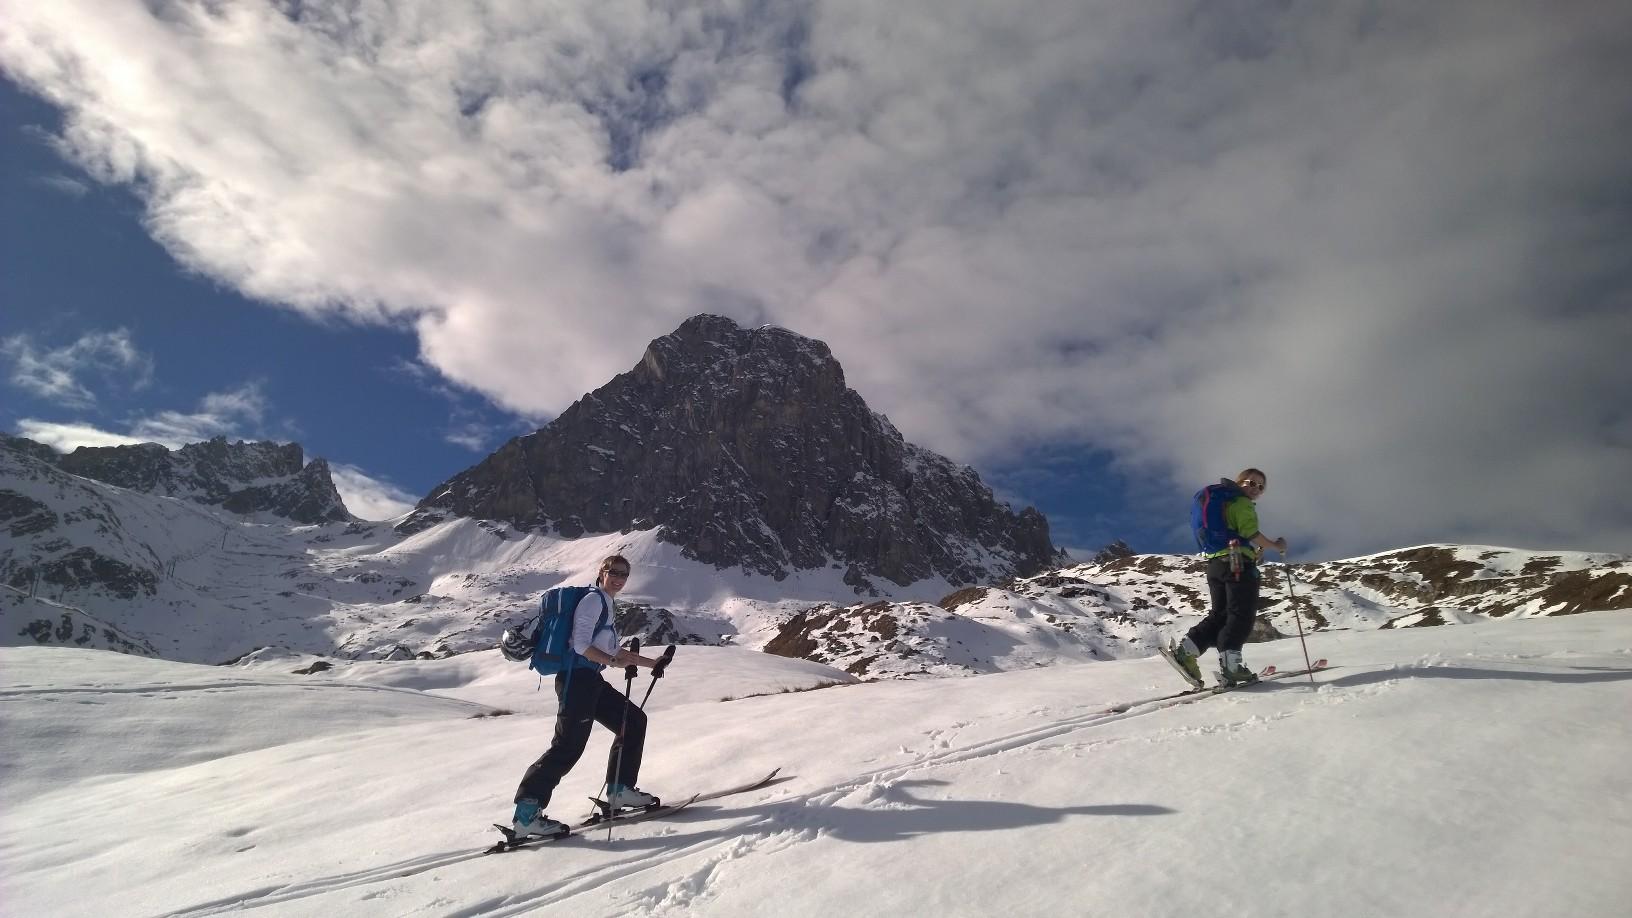 Aigullie Noire de Promecou 2977m in the background